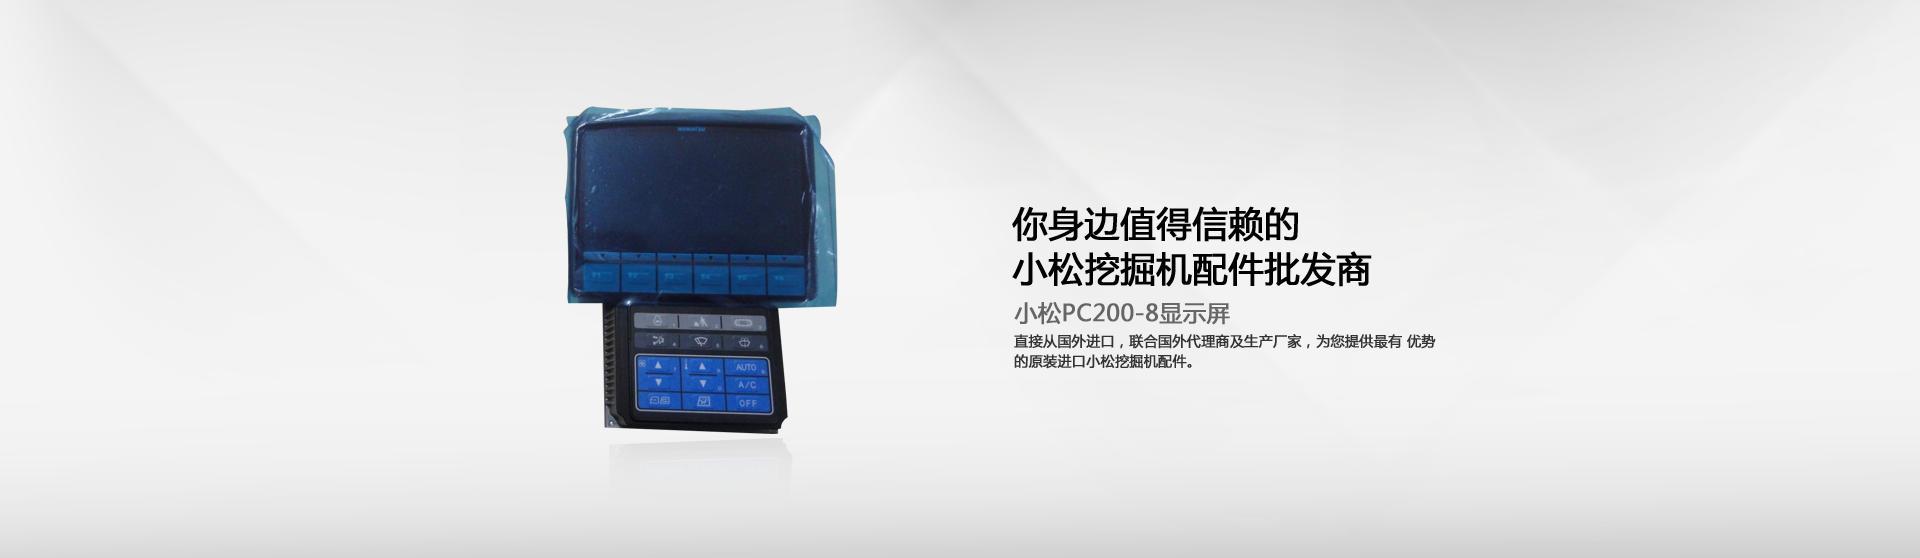 小松PC200-8显示屏